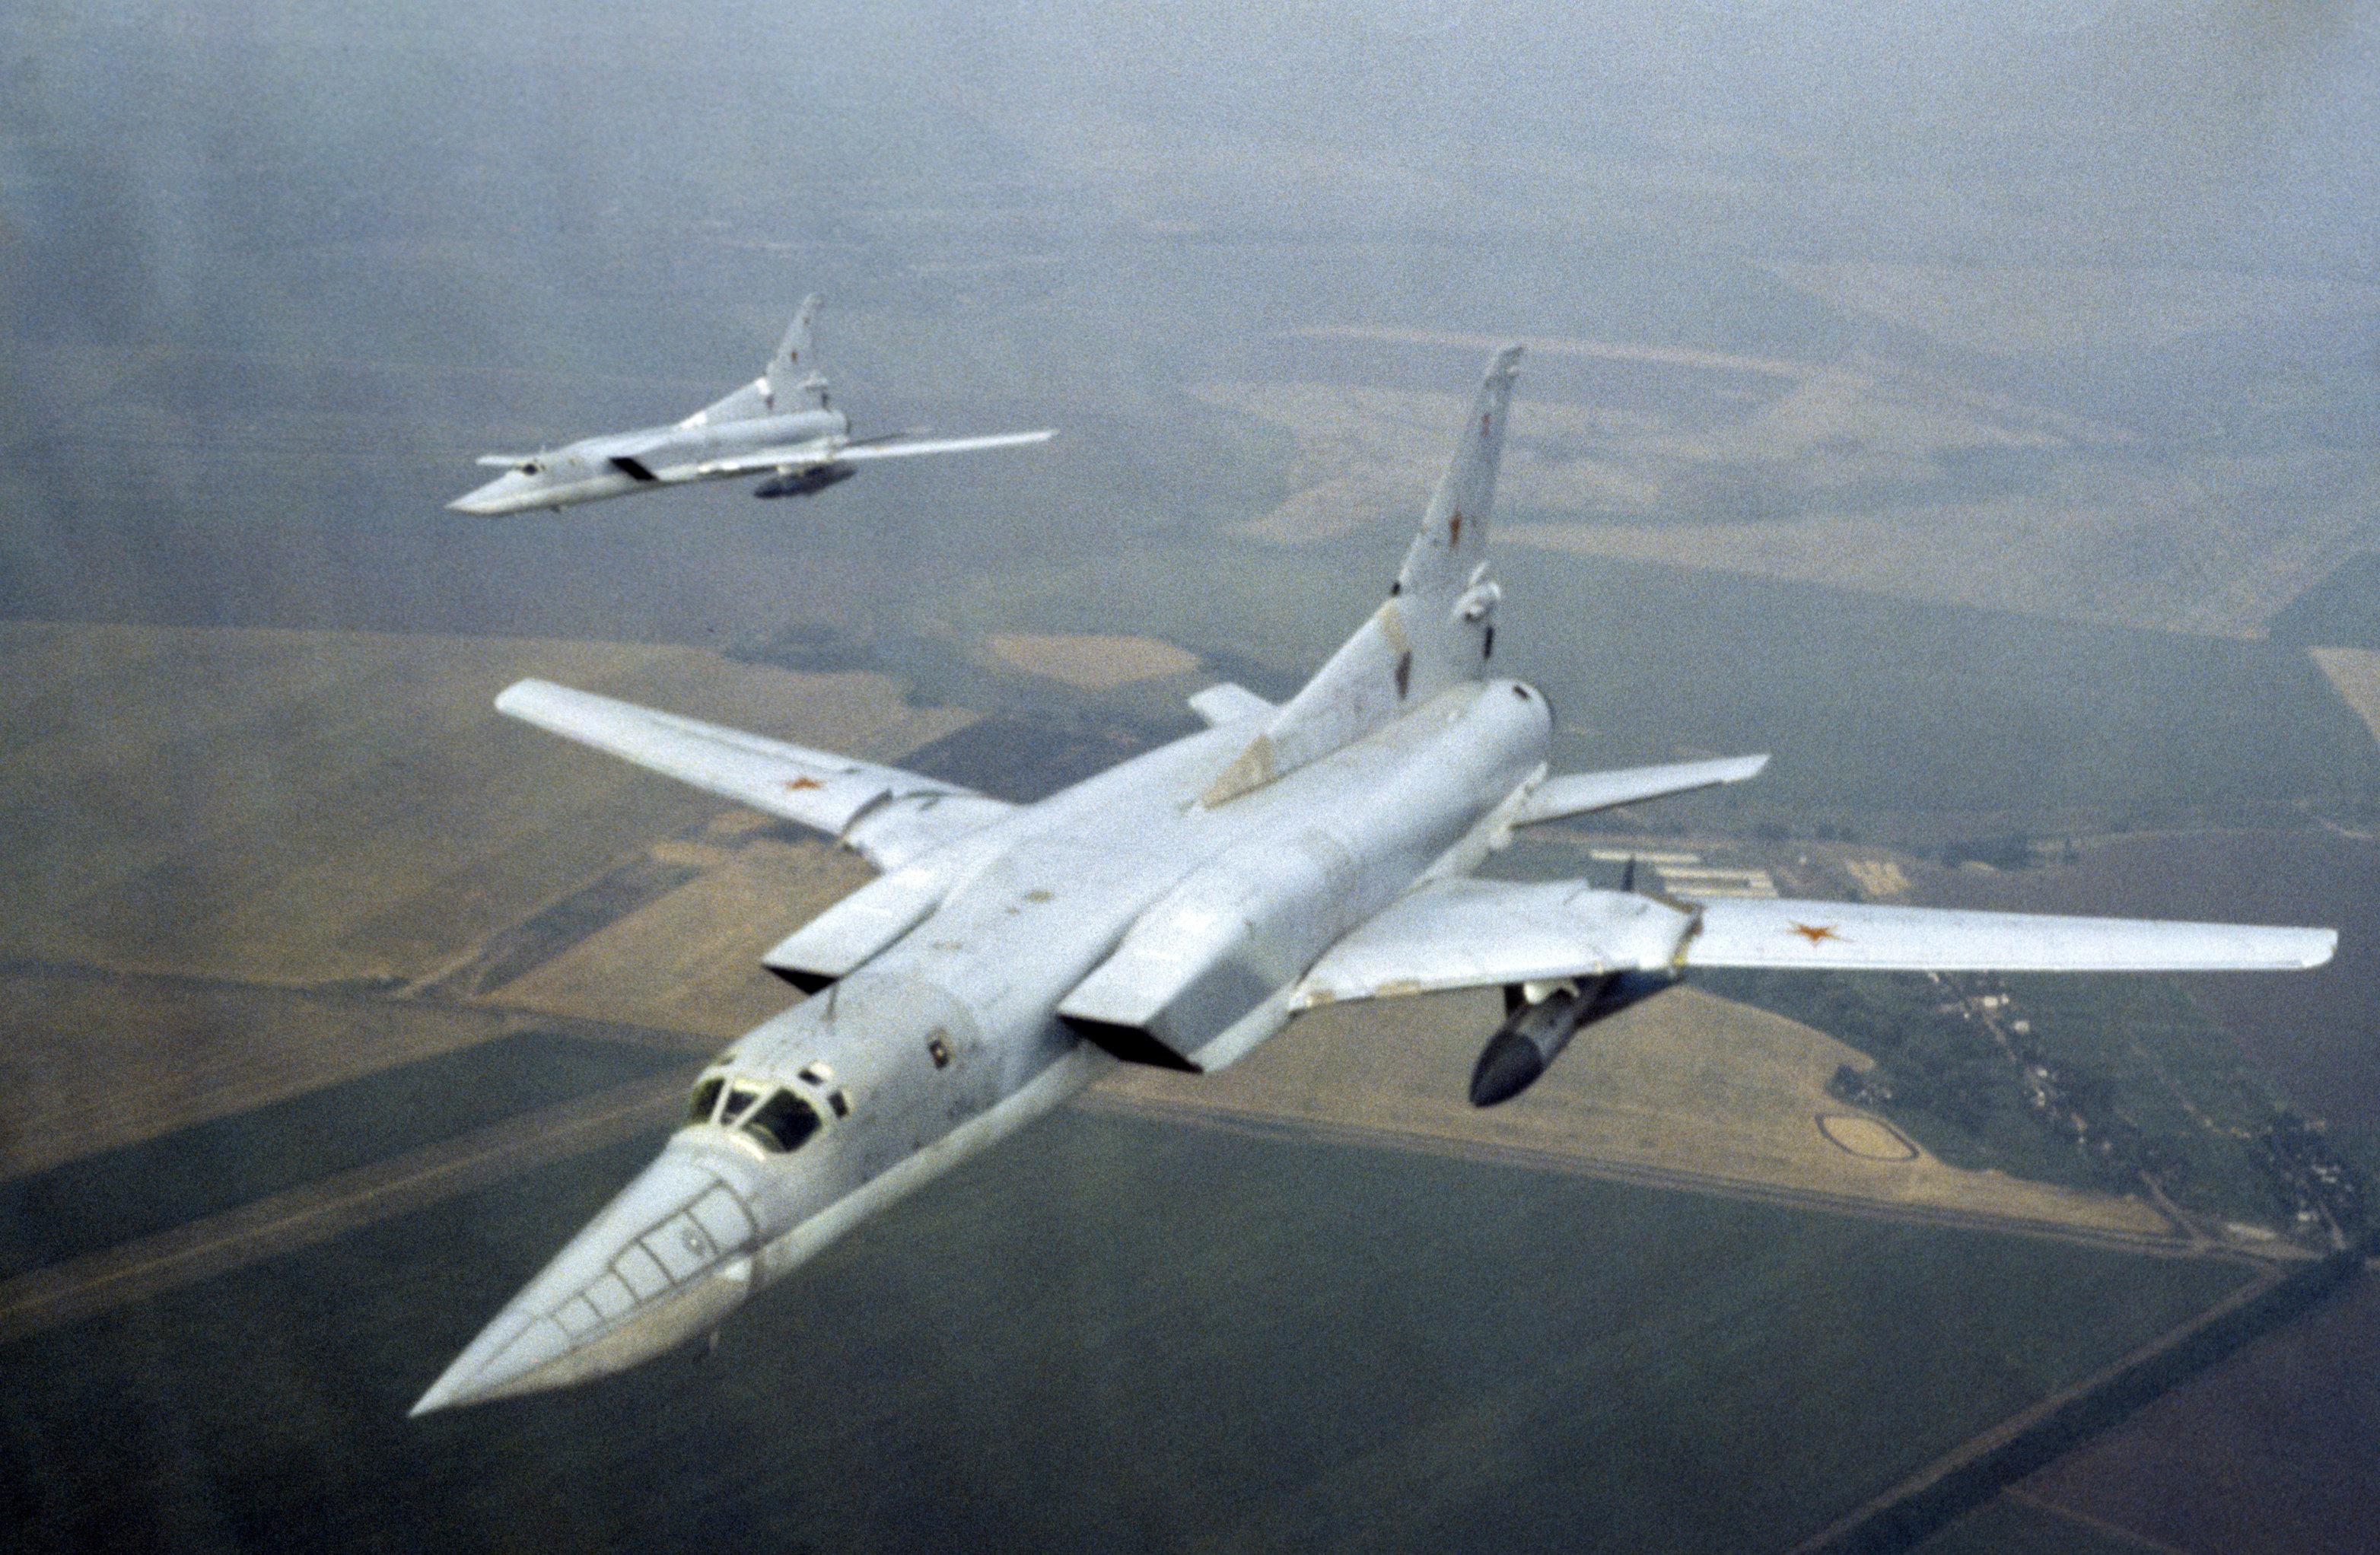 遠程超音速導彈轟炸機圖-22M